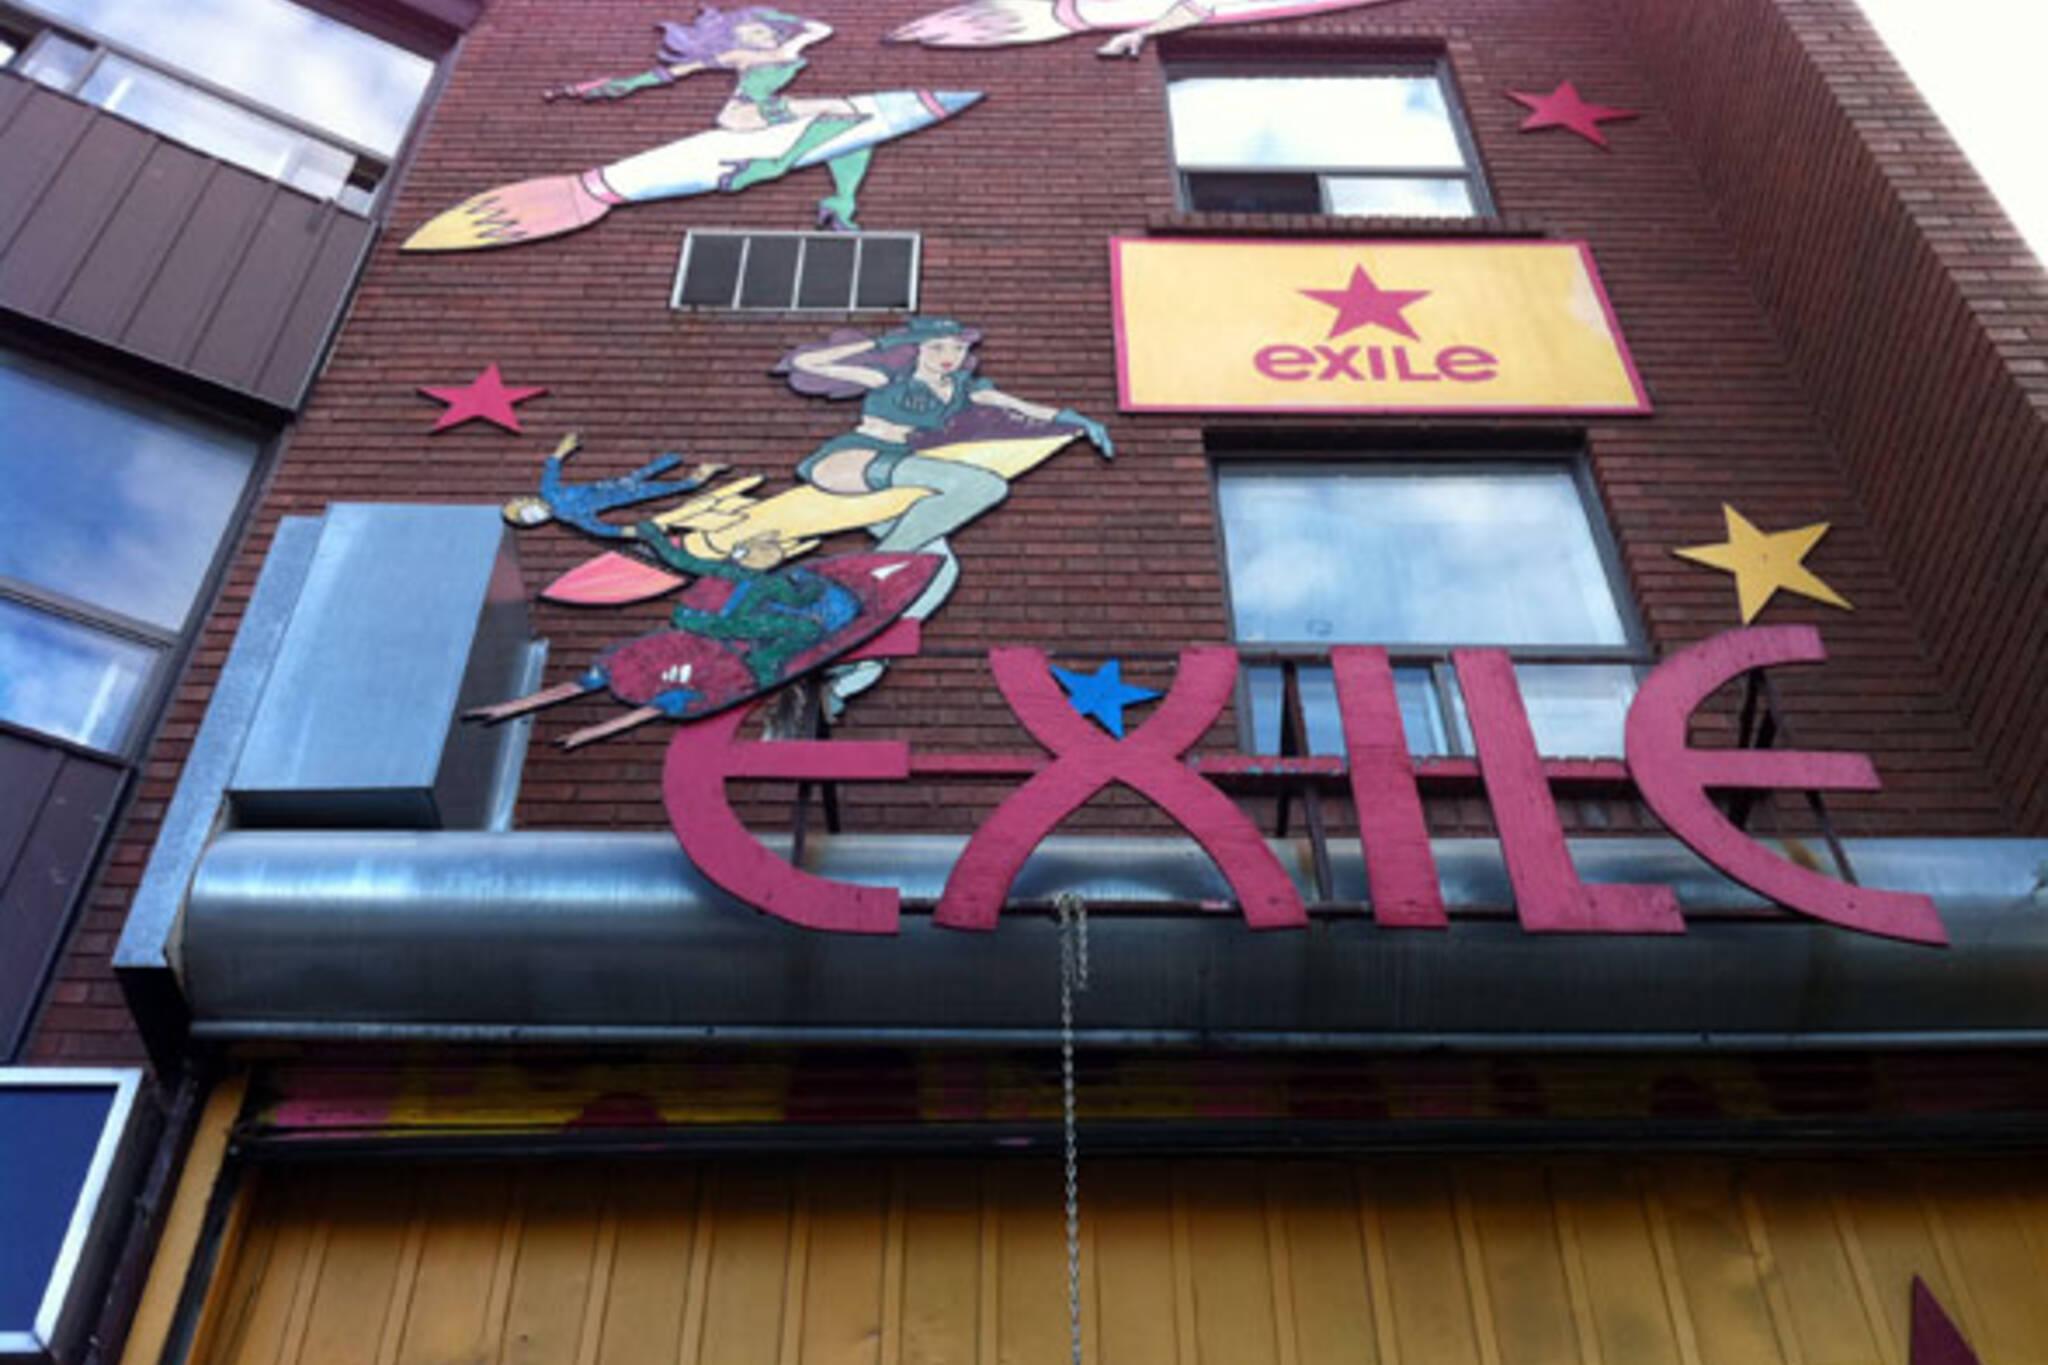 Exile Toronto